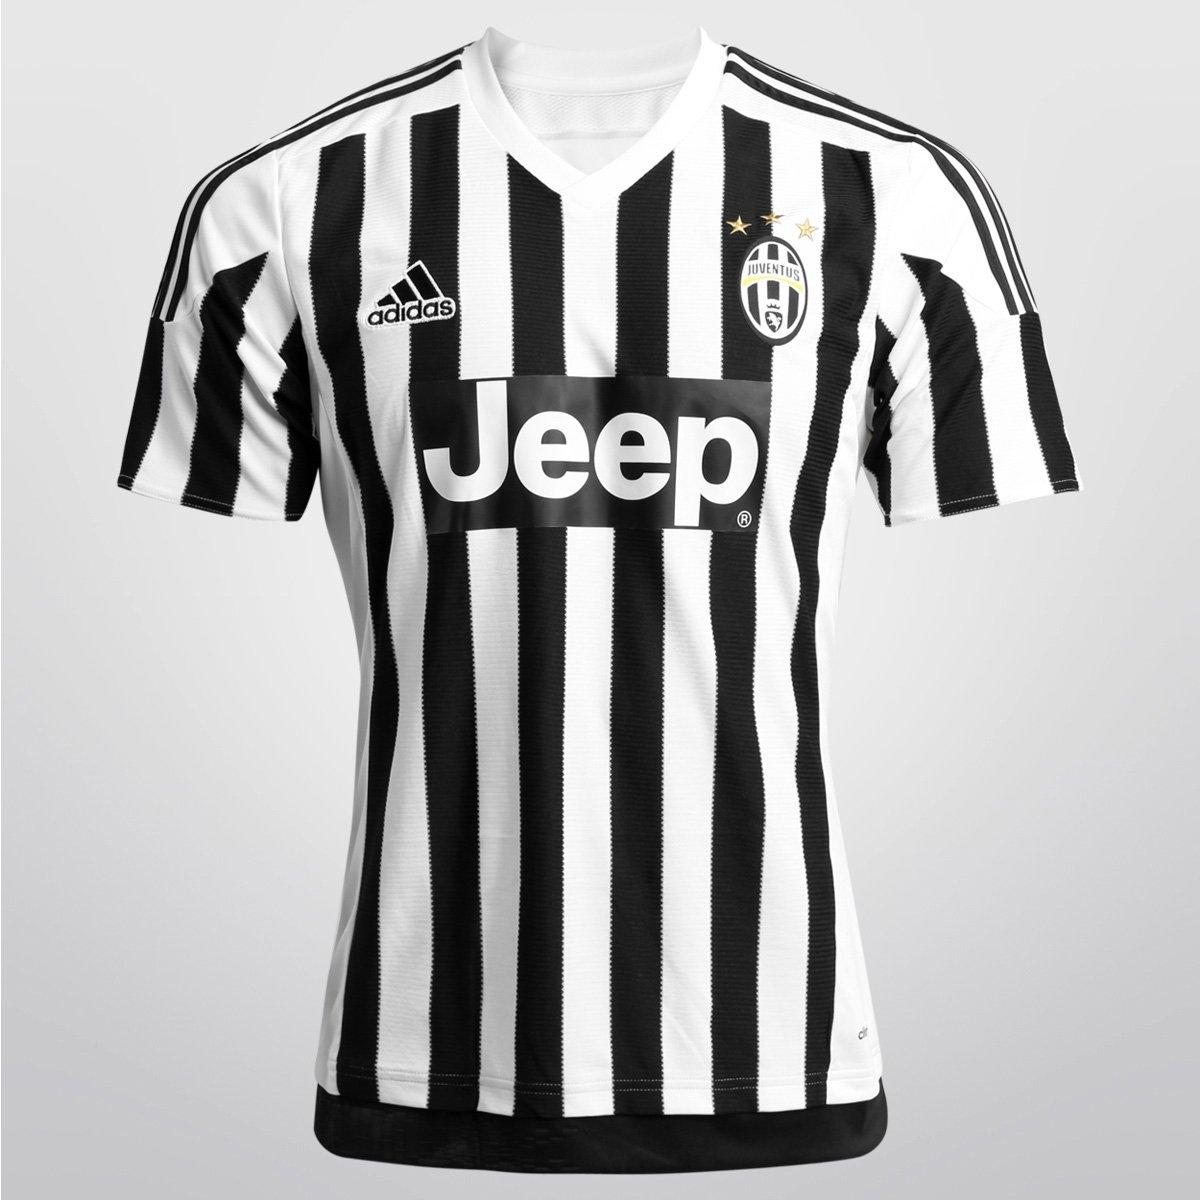 05bdc3a34783f Camisa Juventus Home 15 16 s nº Torcedor Adidas Masculina - Compre Agora